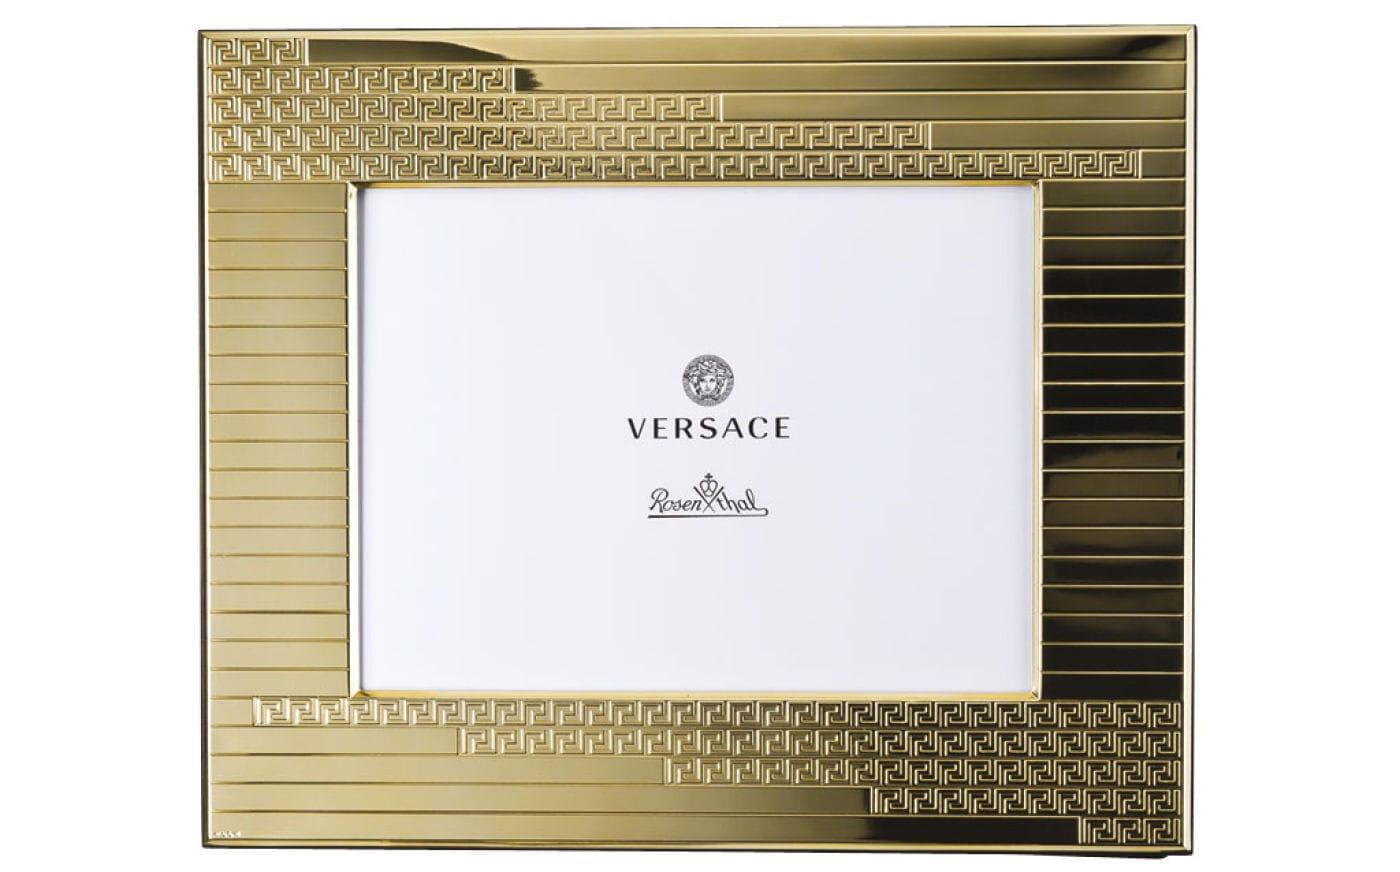 Asombroso Marcos De Oro De Versace Regalo - Ideas Personalizadas de ...